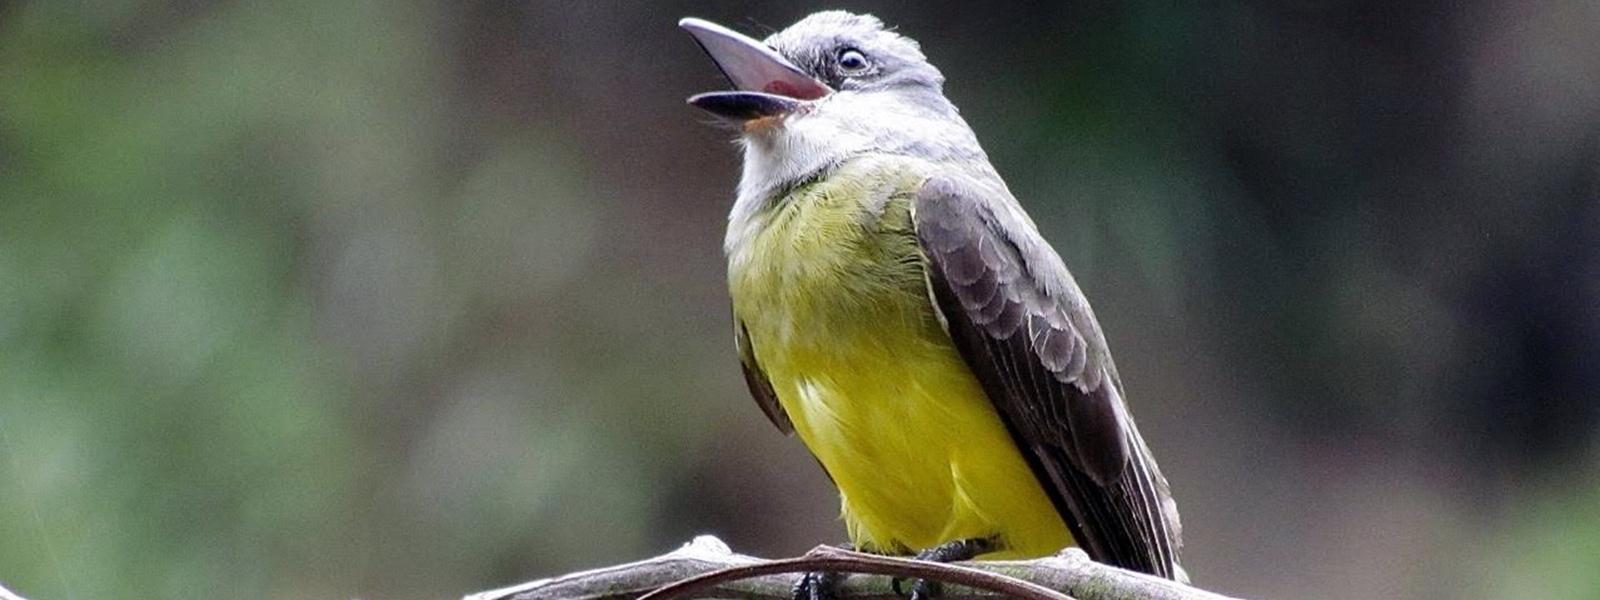 faune d'Amazonie péruvienne